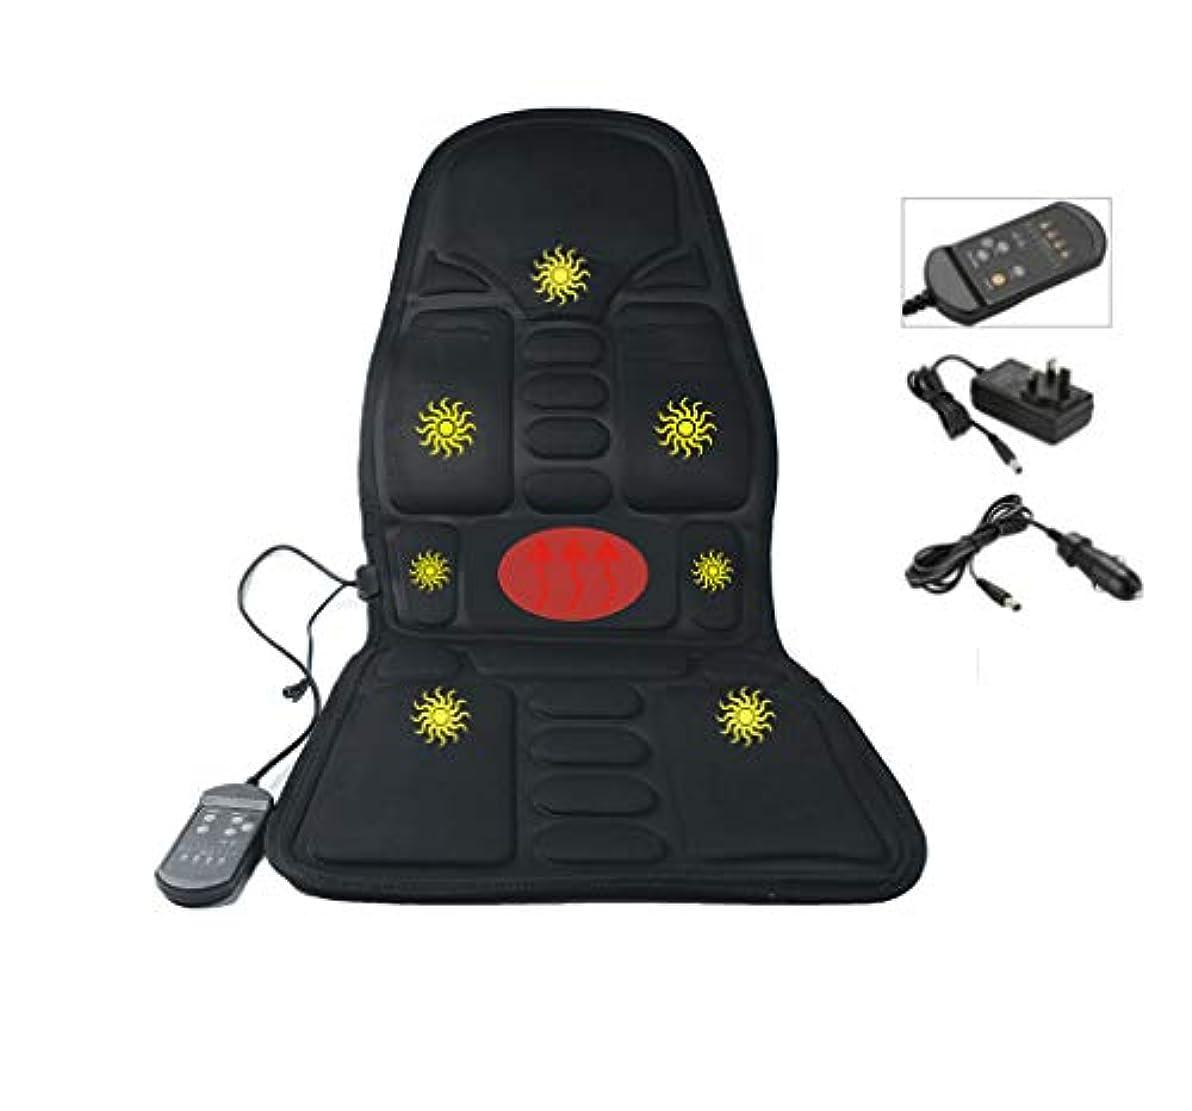 友情露任意指圧マッサージシートクッション、3D指圧ディングニーディング、プレス、ローリングとバイブレーション - マッサージフルバック、アッパーバック、バックバック、座っているエリアまたはピンポイント正確なマッサージスポット加熱(黒)